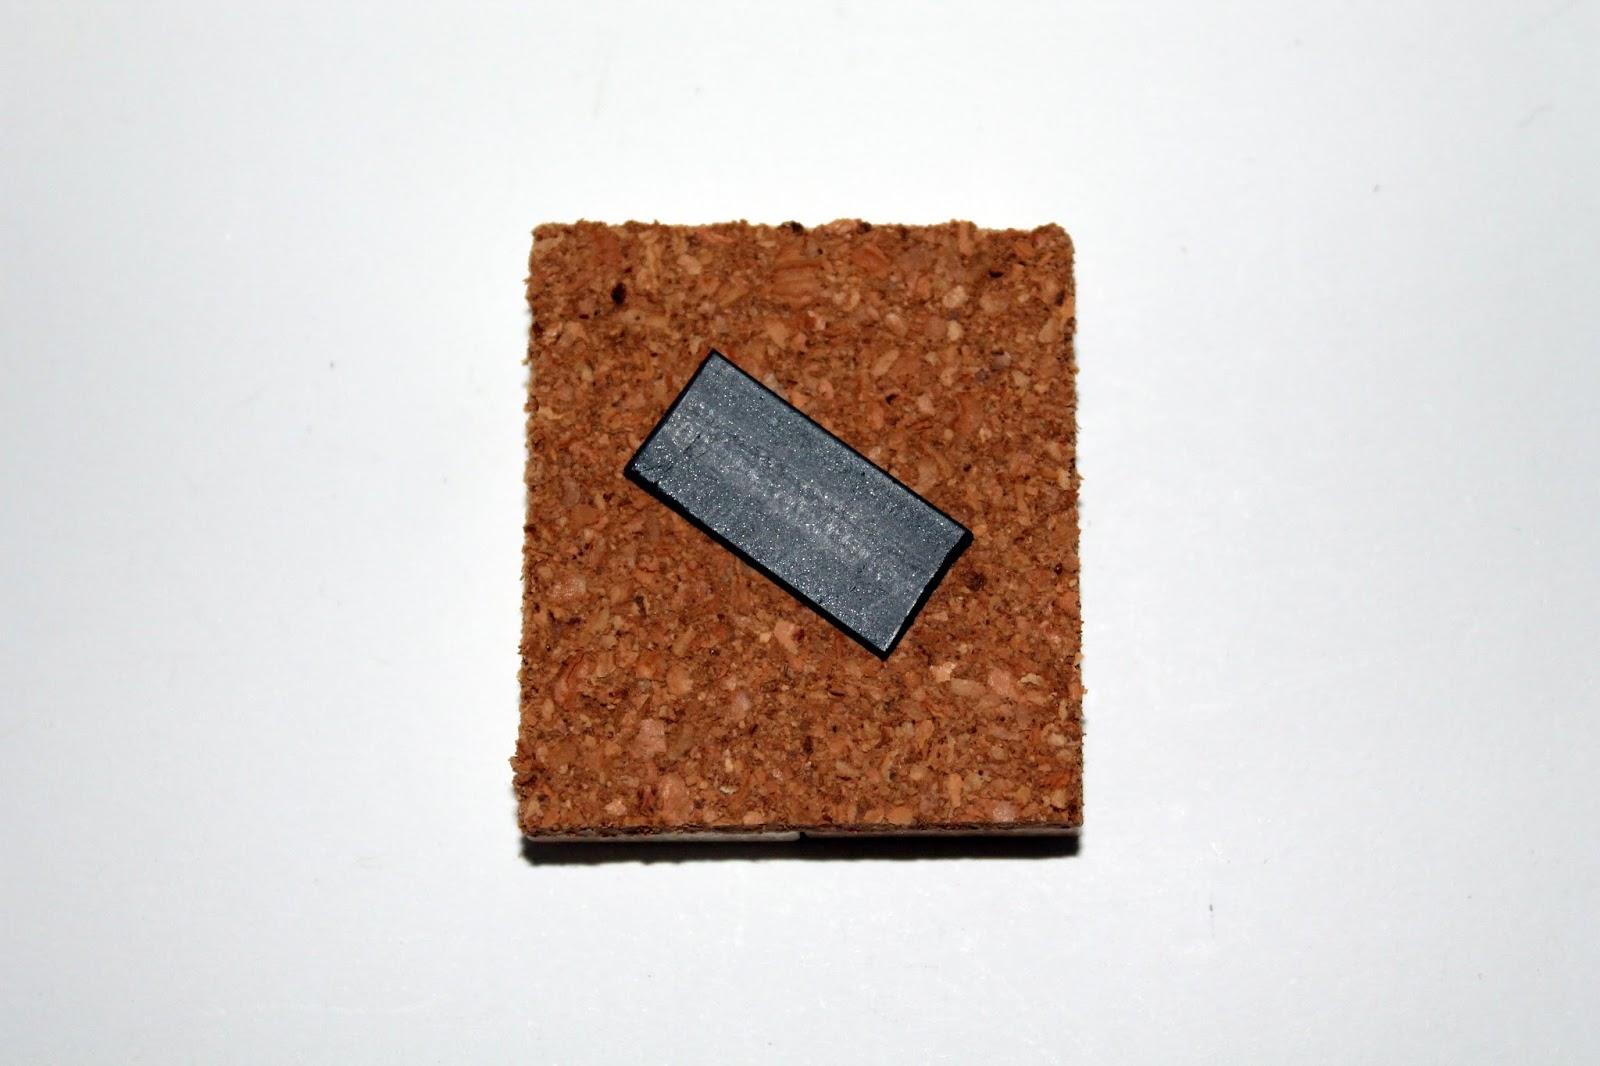 DIY, Basteln: Love Magnet Scrabble Buchstaben in Liebesgeschenk und Geschenkideen - DIYCarinchen